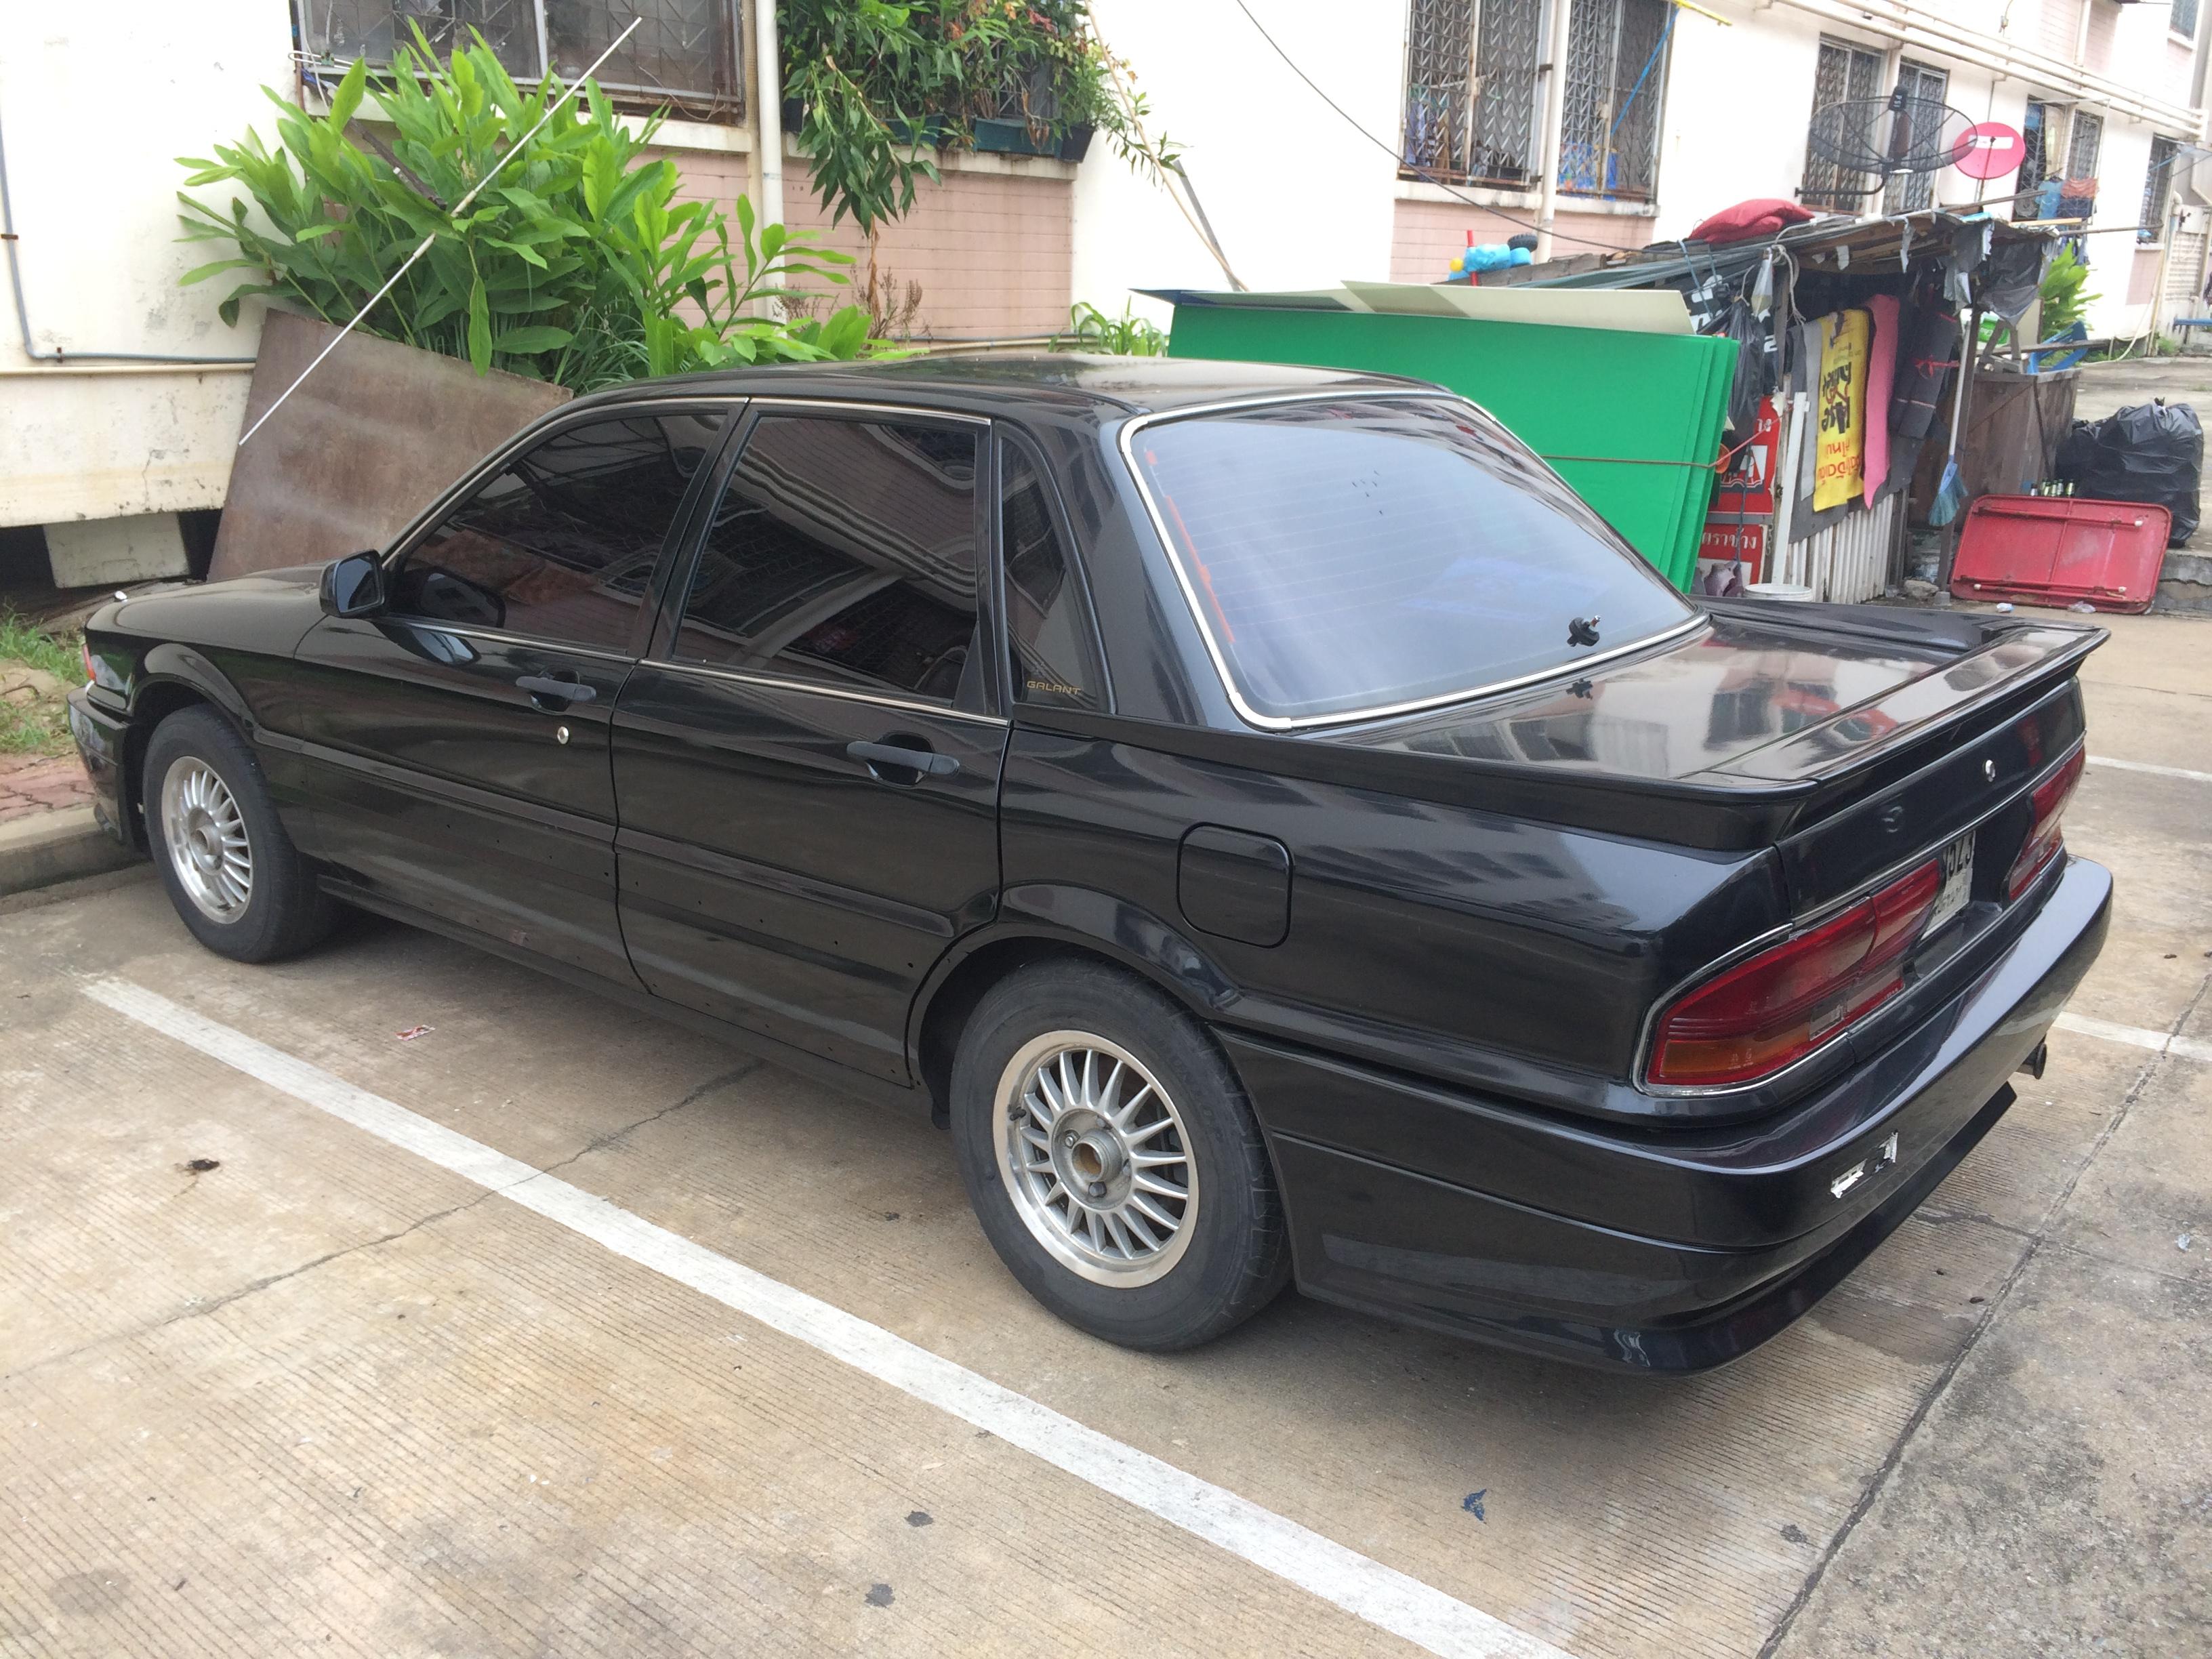 file:1989 mitsubishi galant (e-e33a) amg sedan (13-10-2017) 07